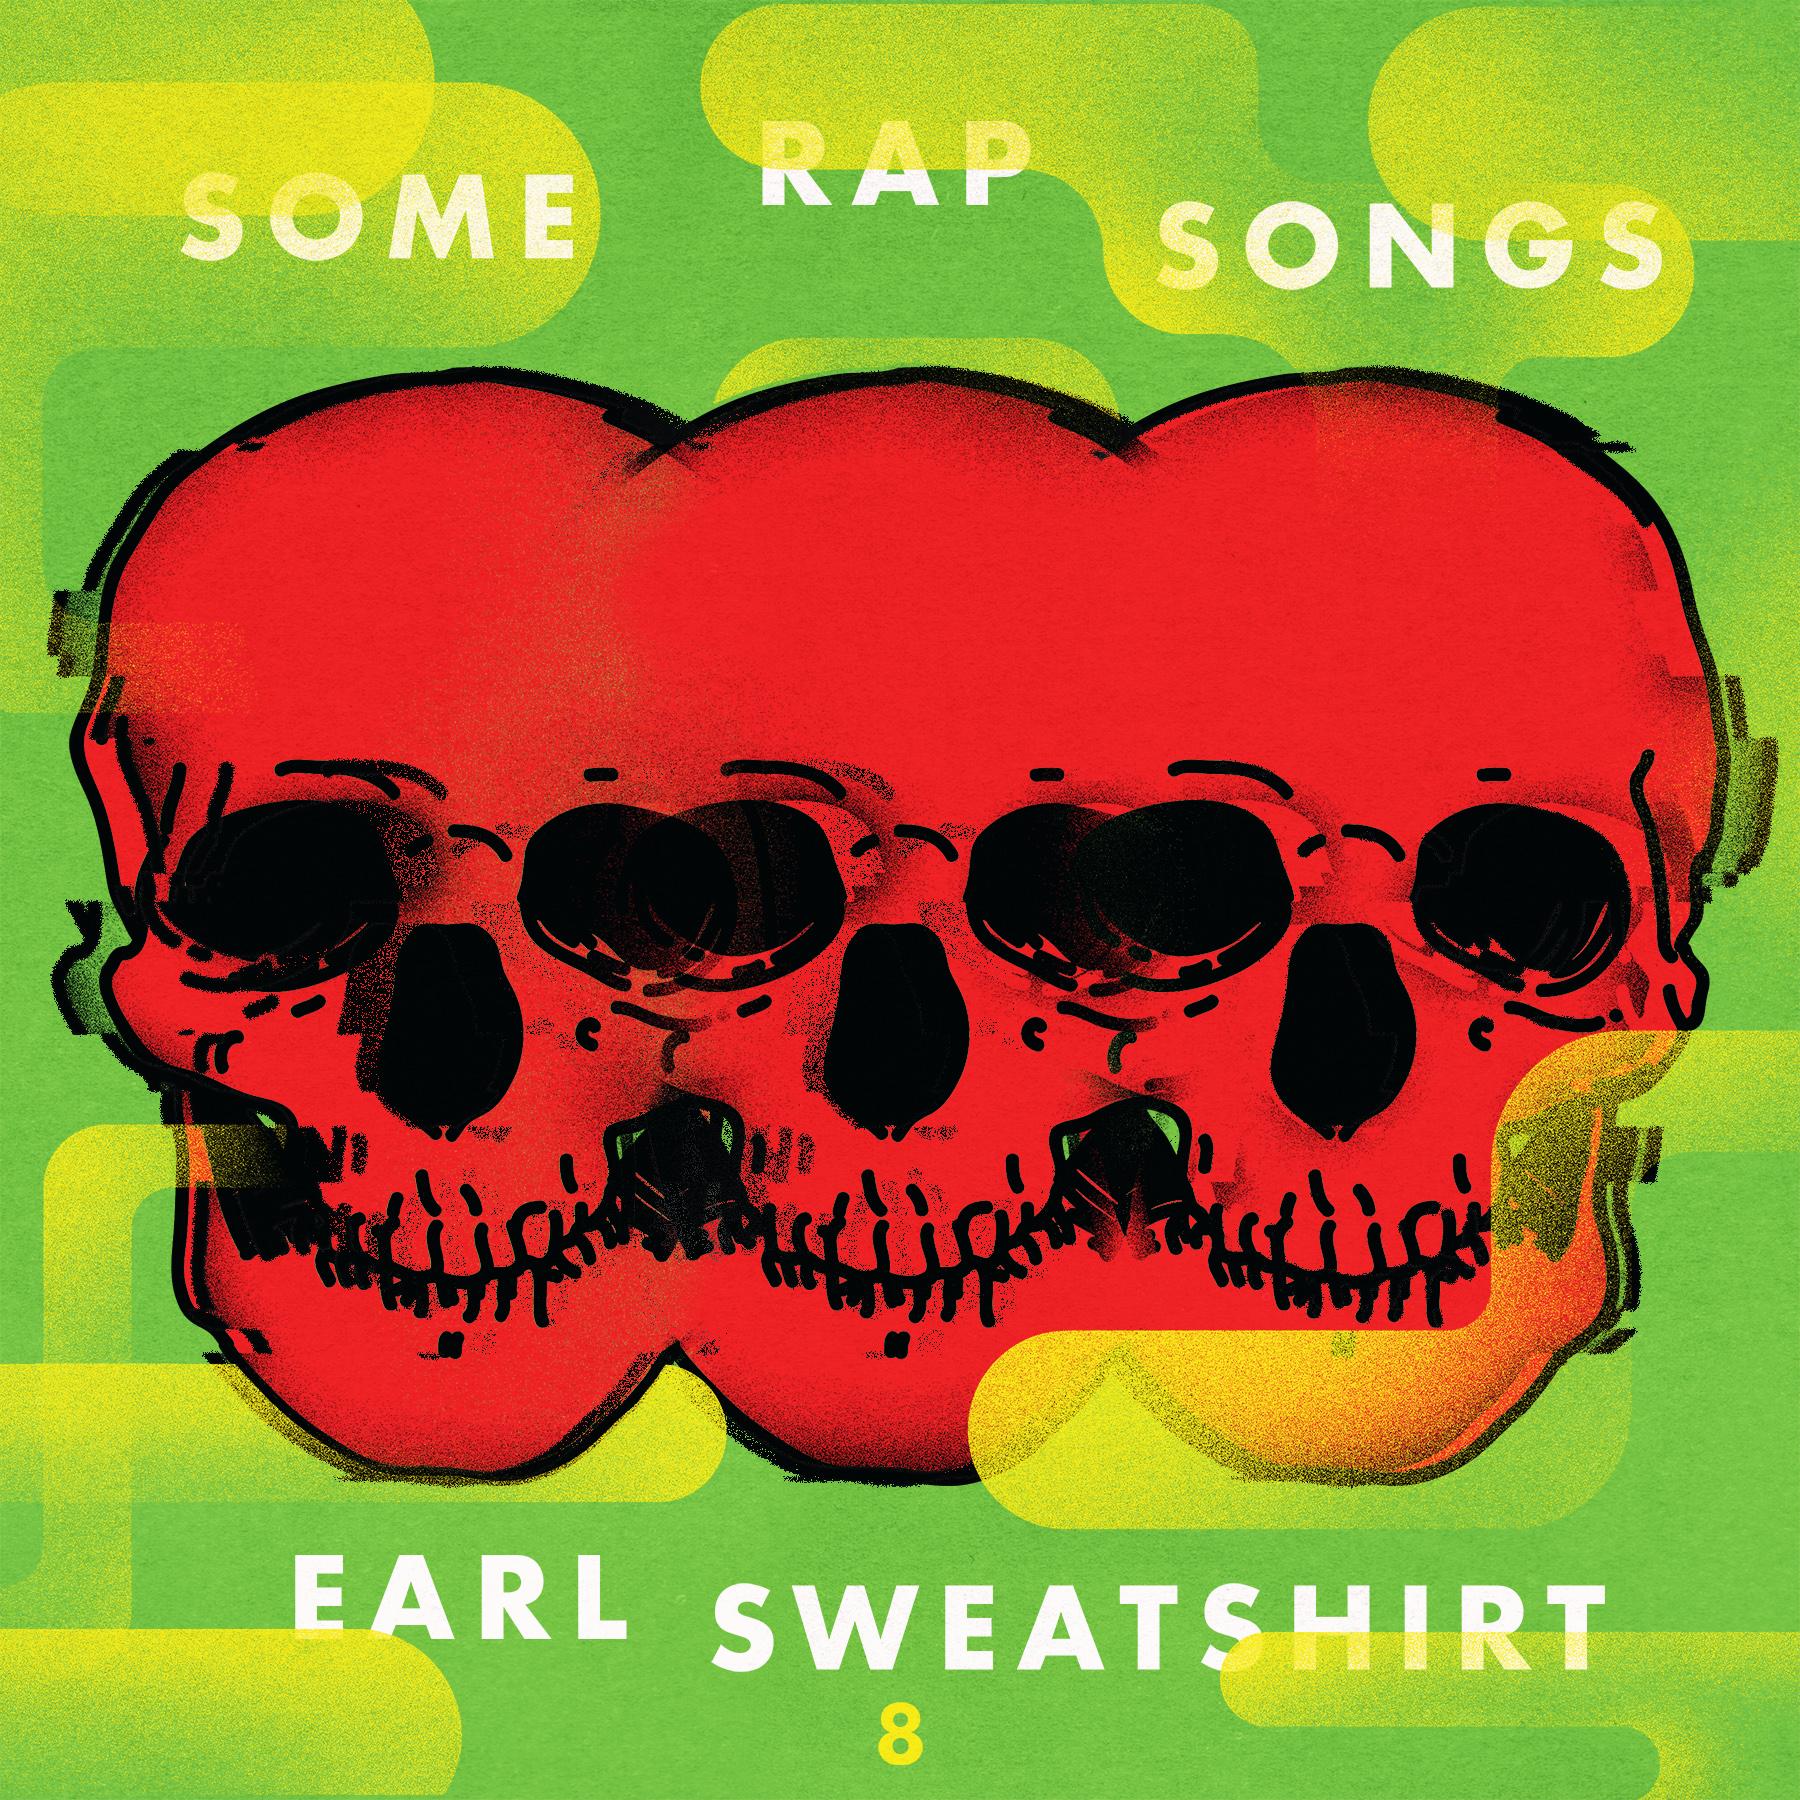 Some Rap Songs by Earl Sweatshirt